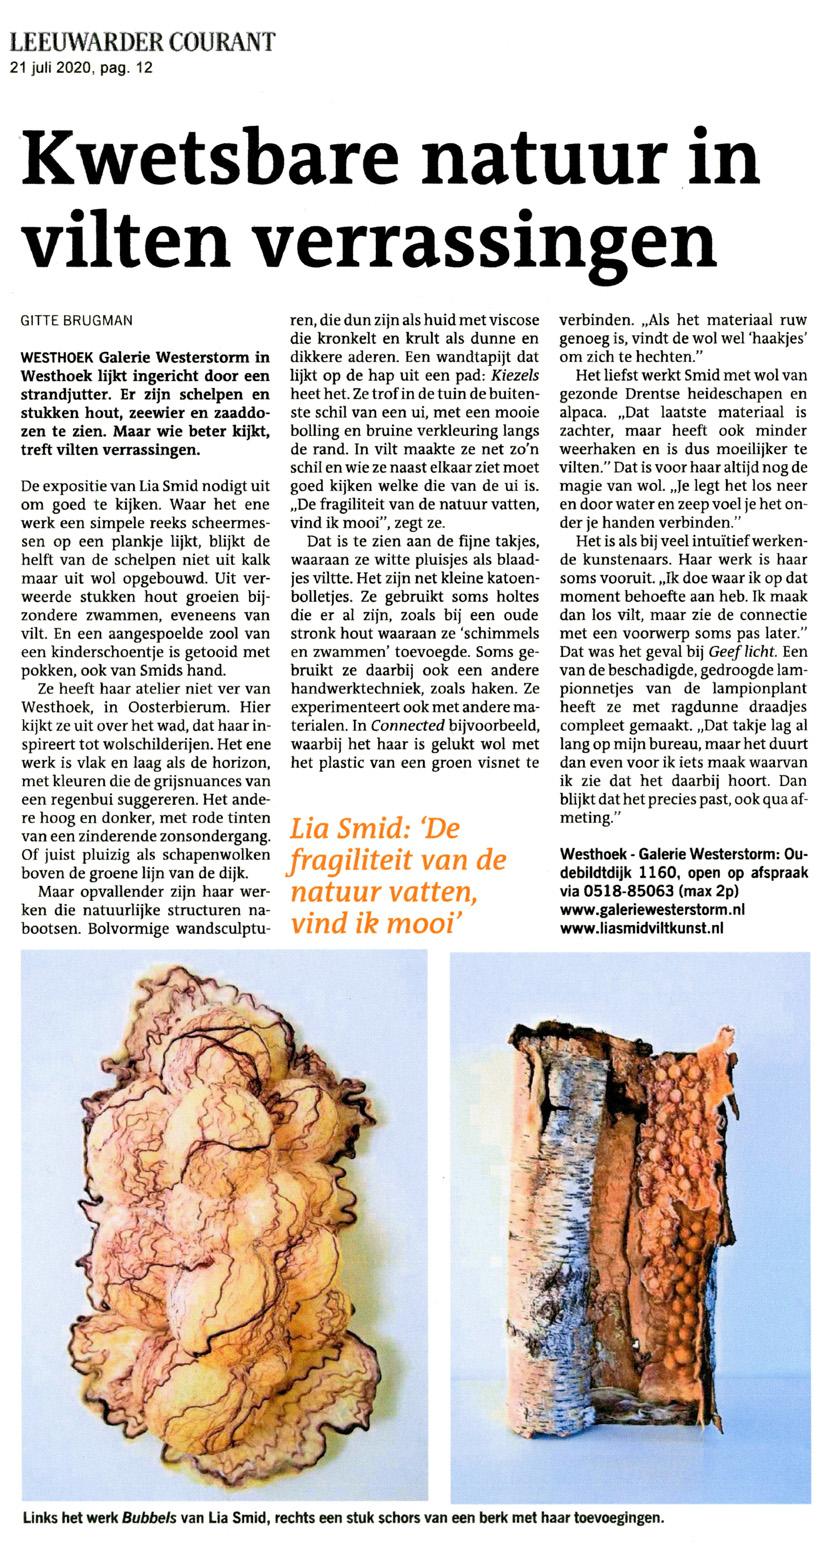 Artikel in de Leeuwarder Courant over expositie bij Galerie Westerstorm